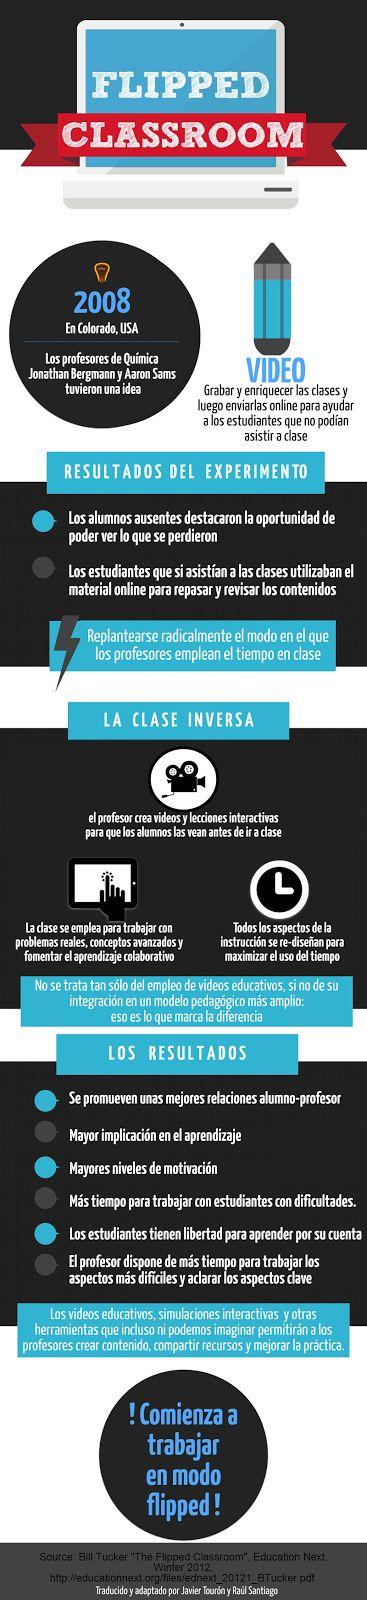 Javier Tourón: ¿Cómo funciona una clase inversa? Este infográfico te lo explica